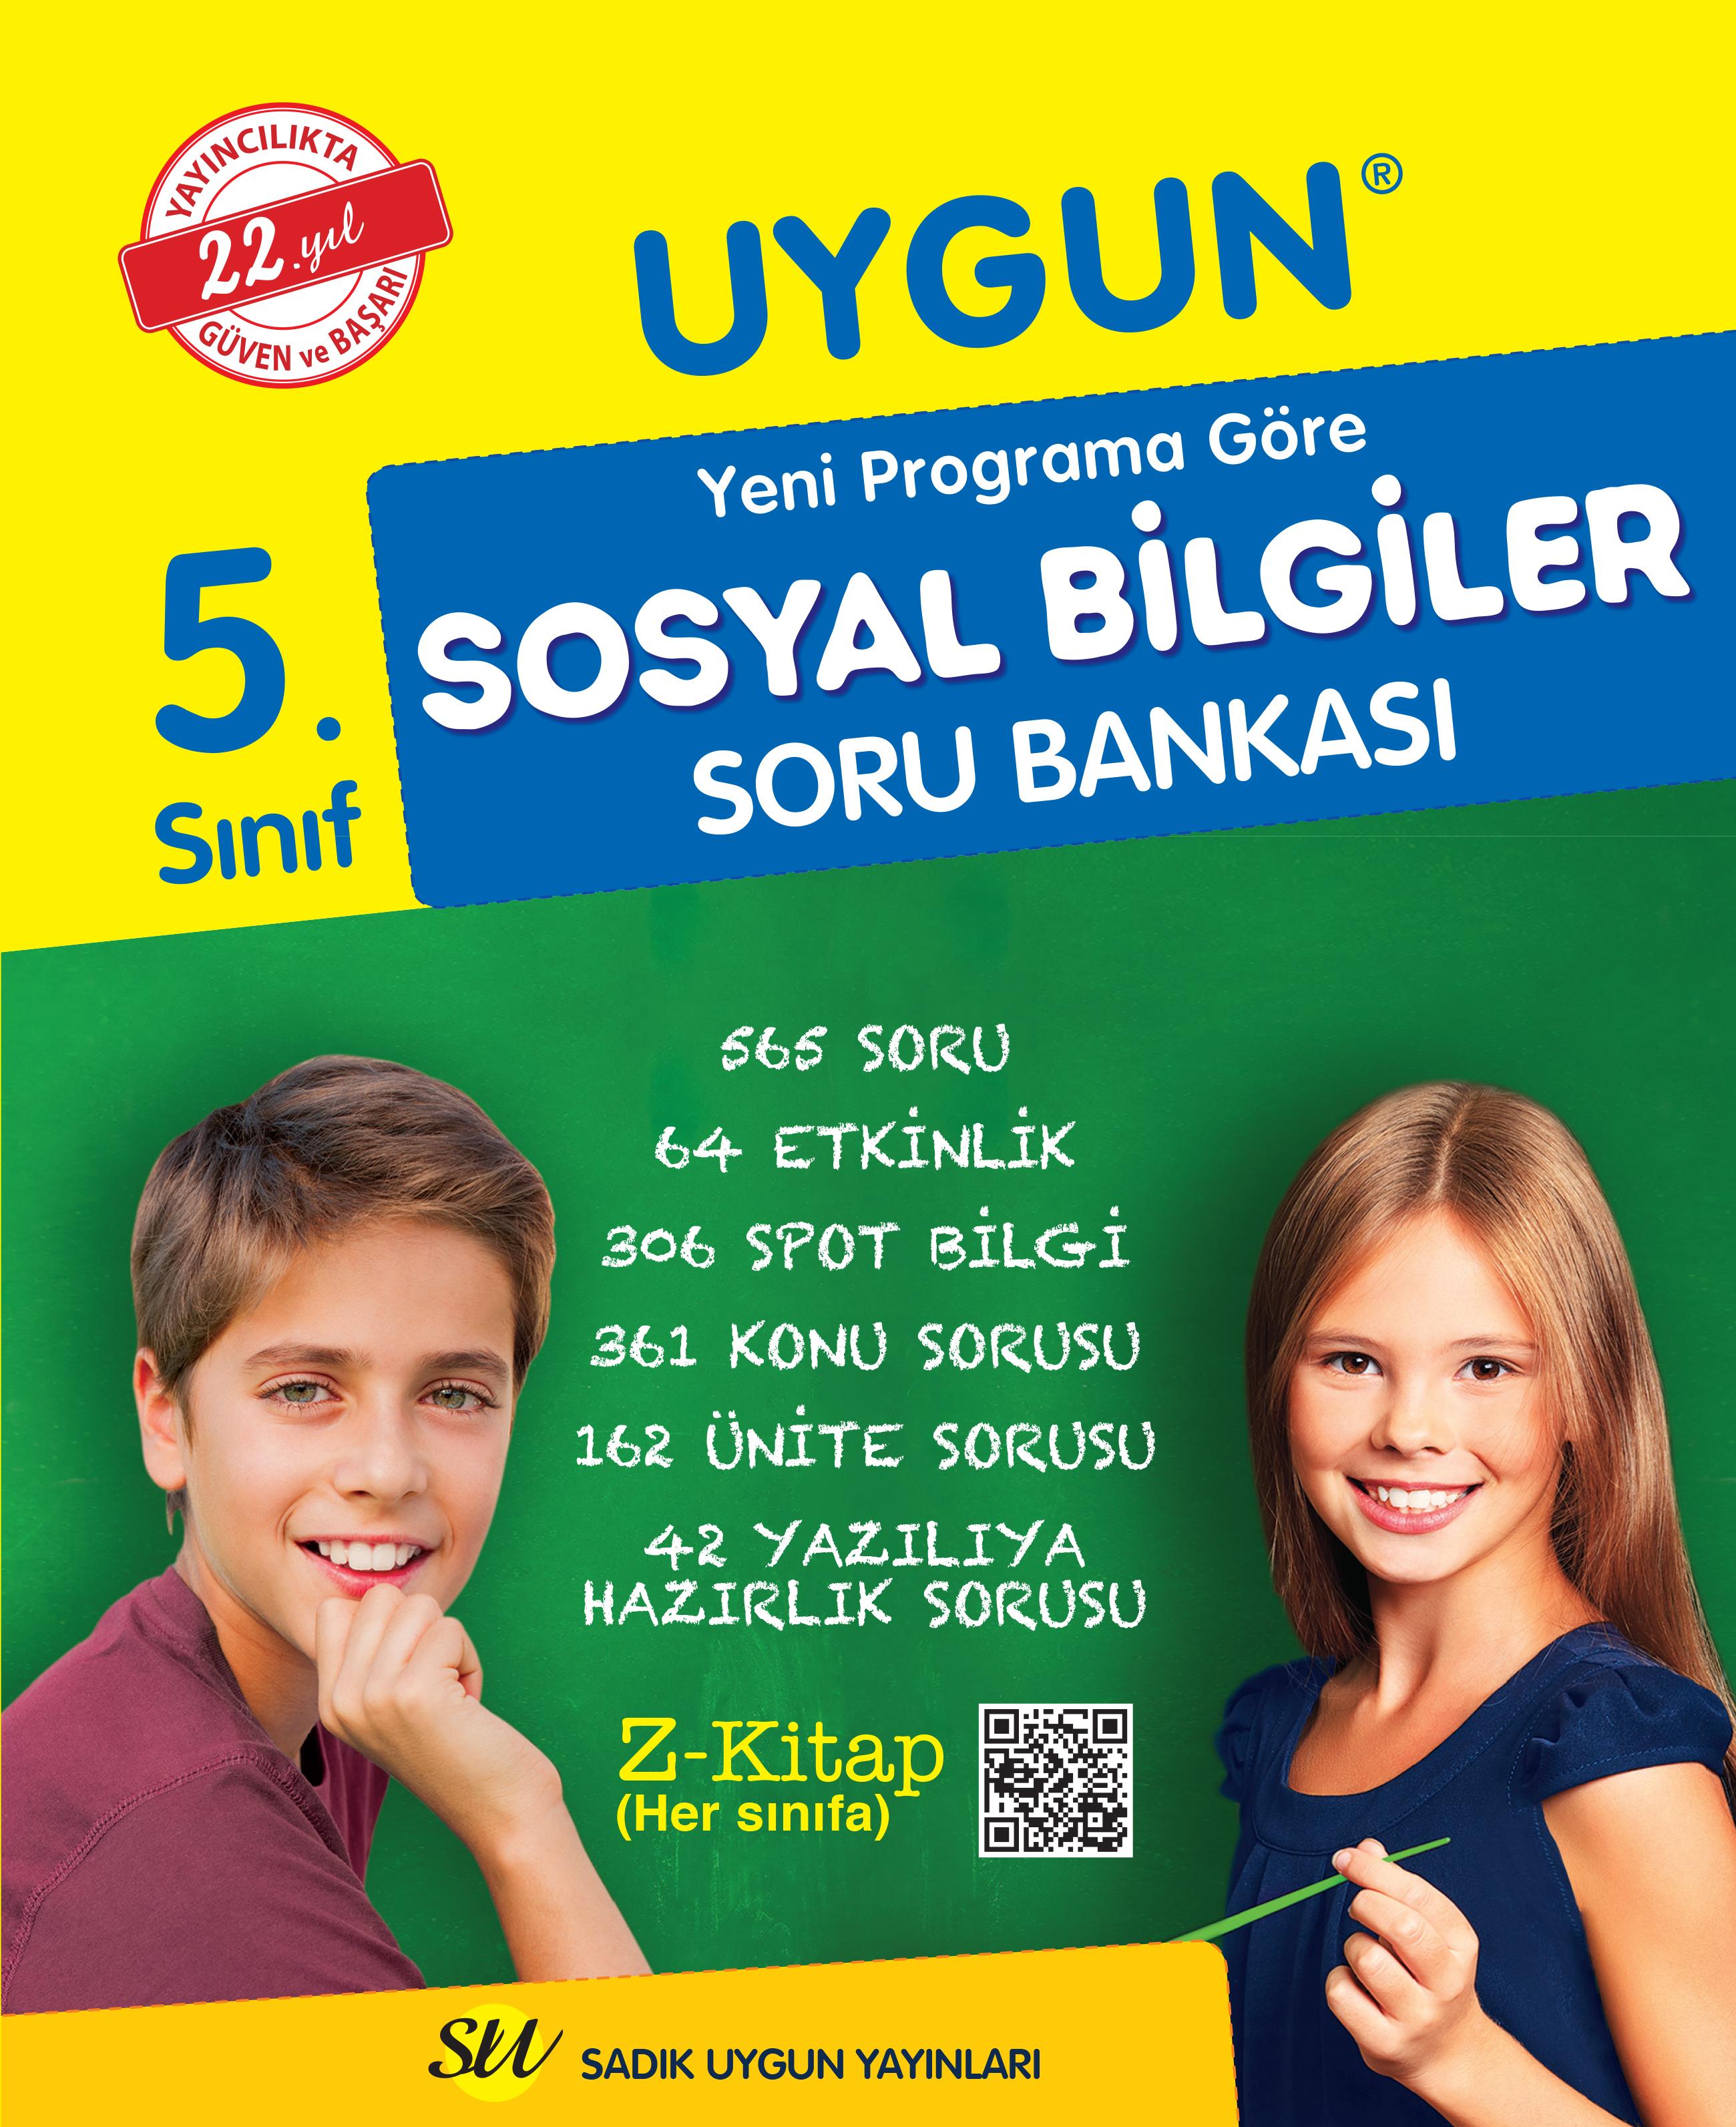 Sosyal Bilgiler Soru Bankası 5. Sınıf